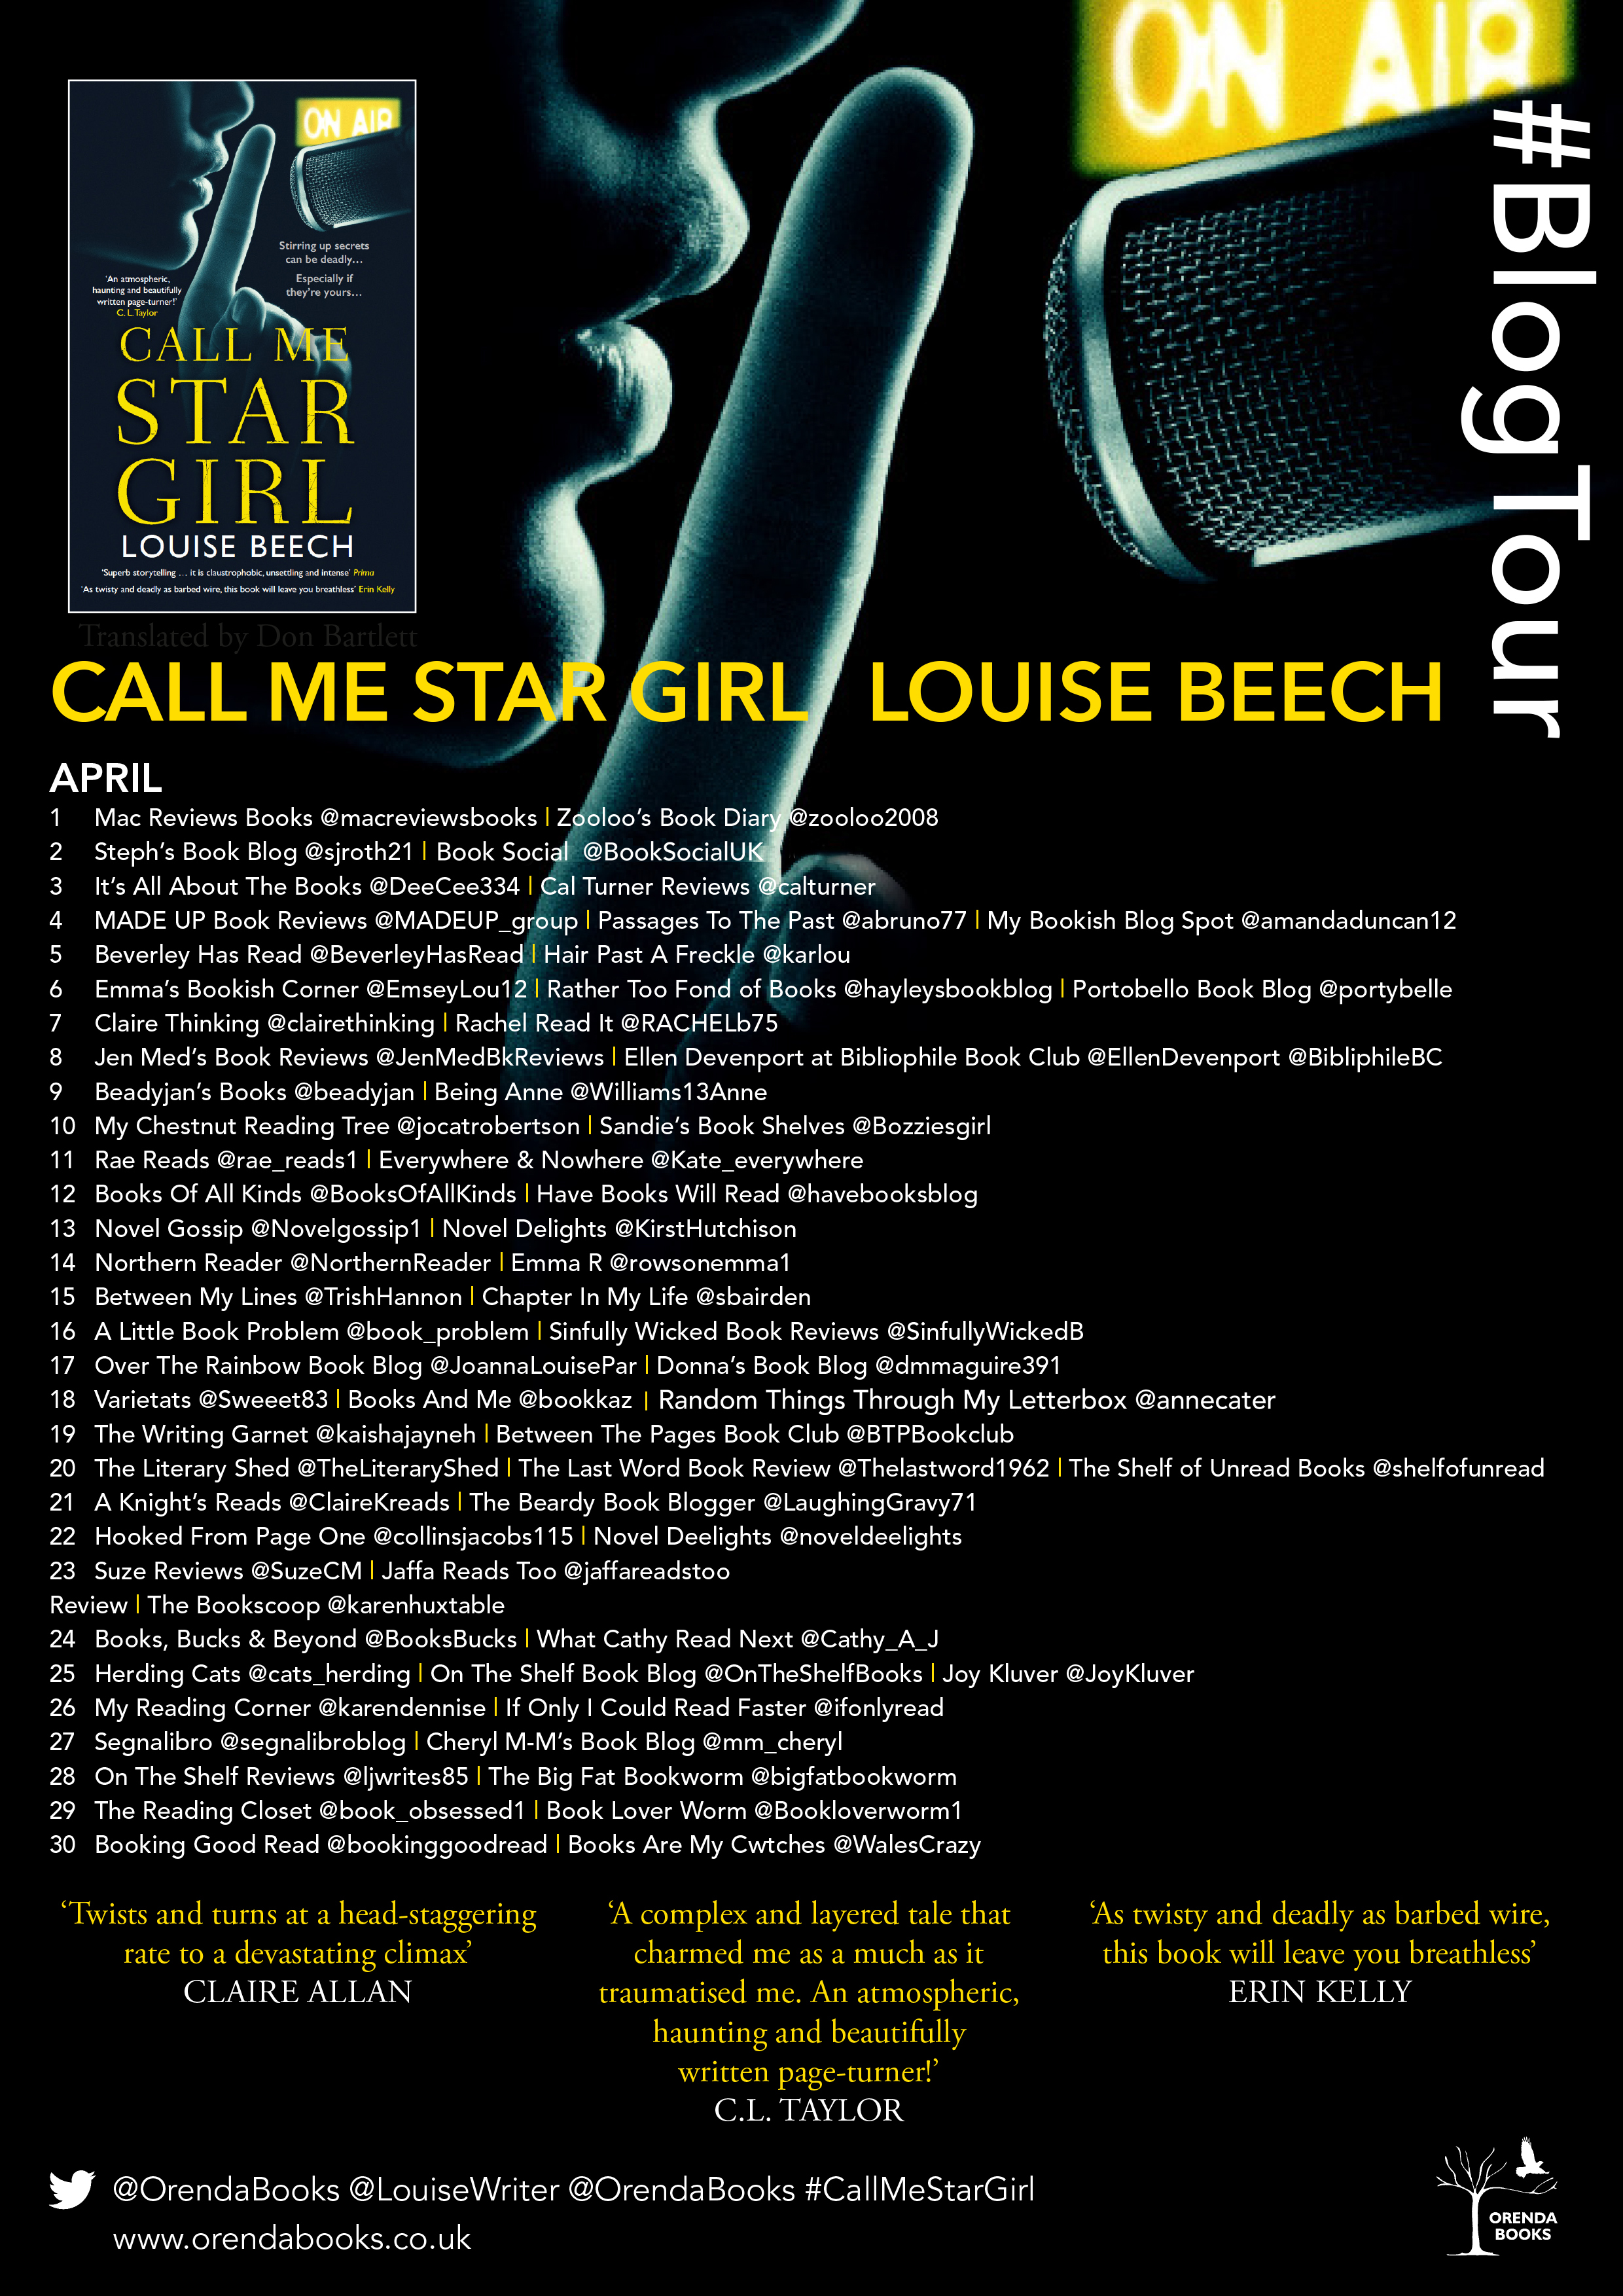 call me star girl blog poster 2019